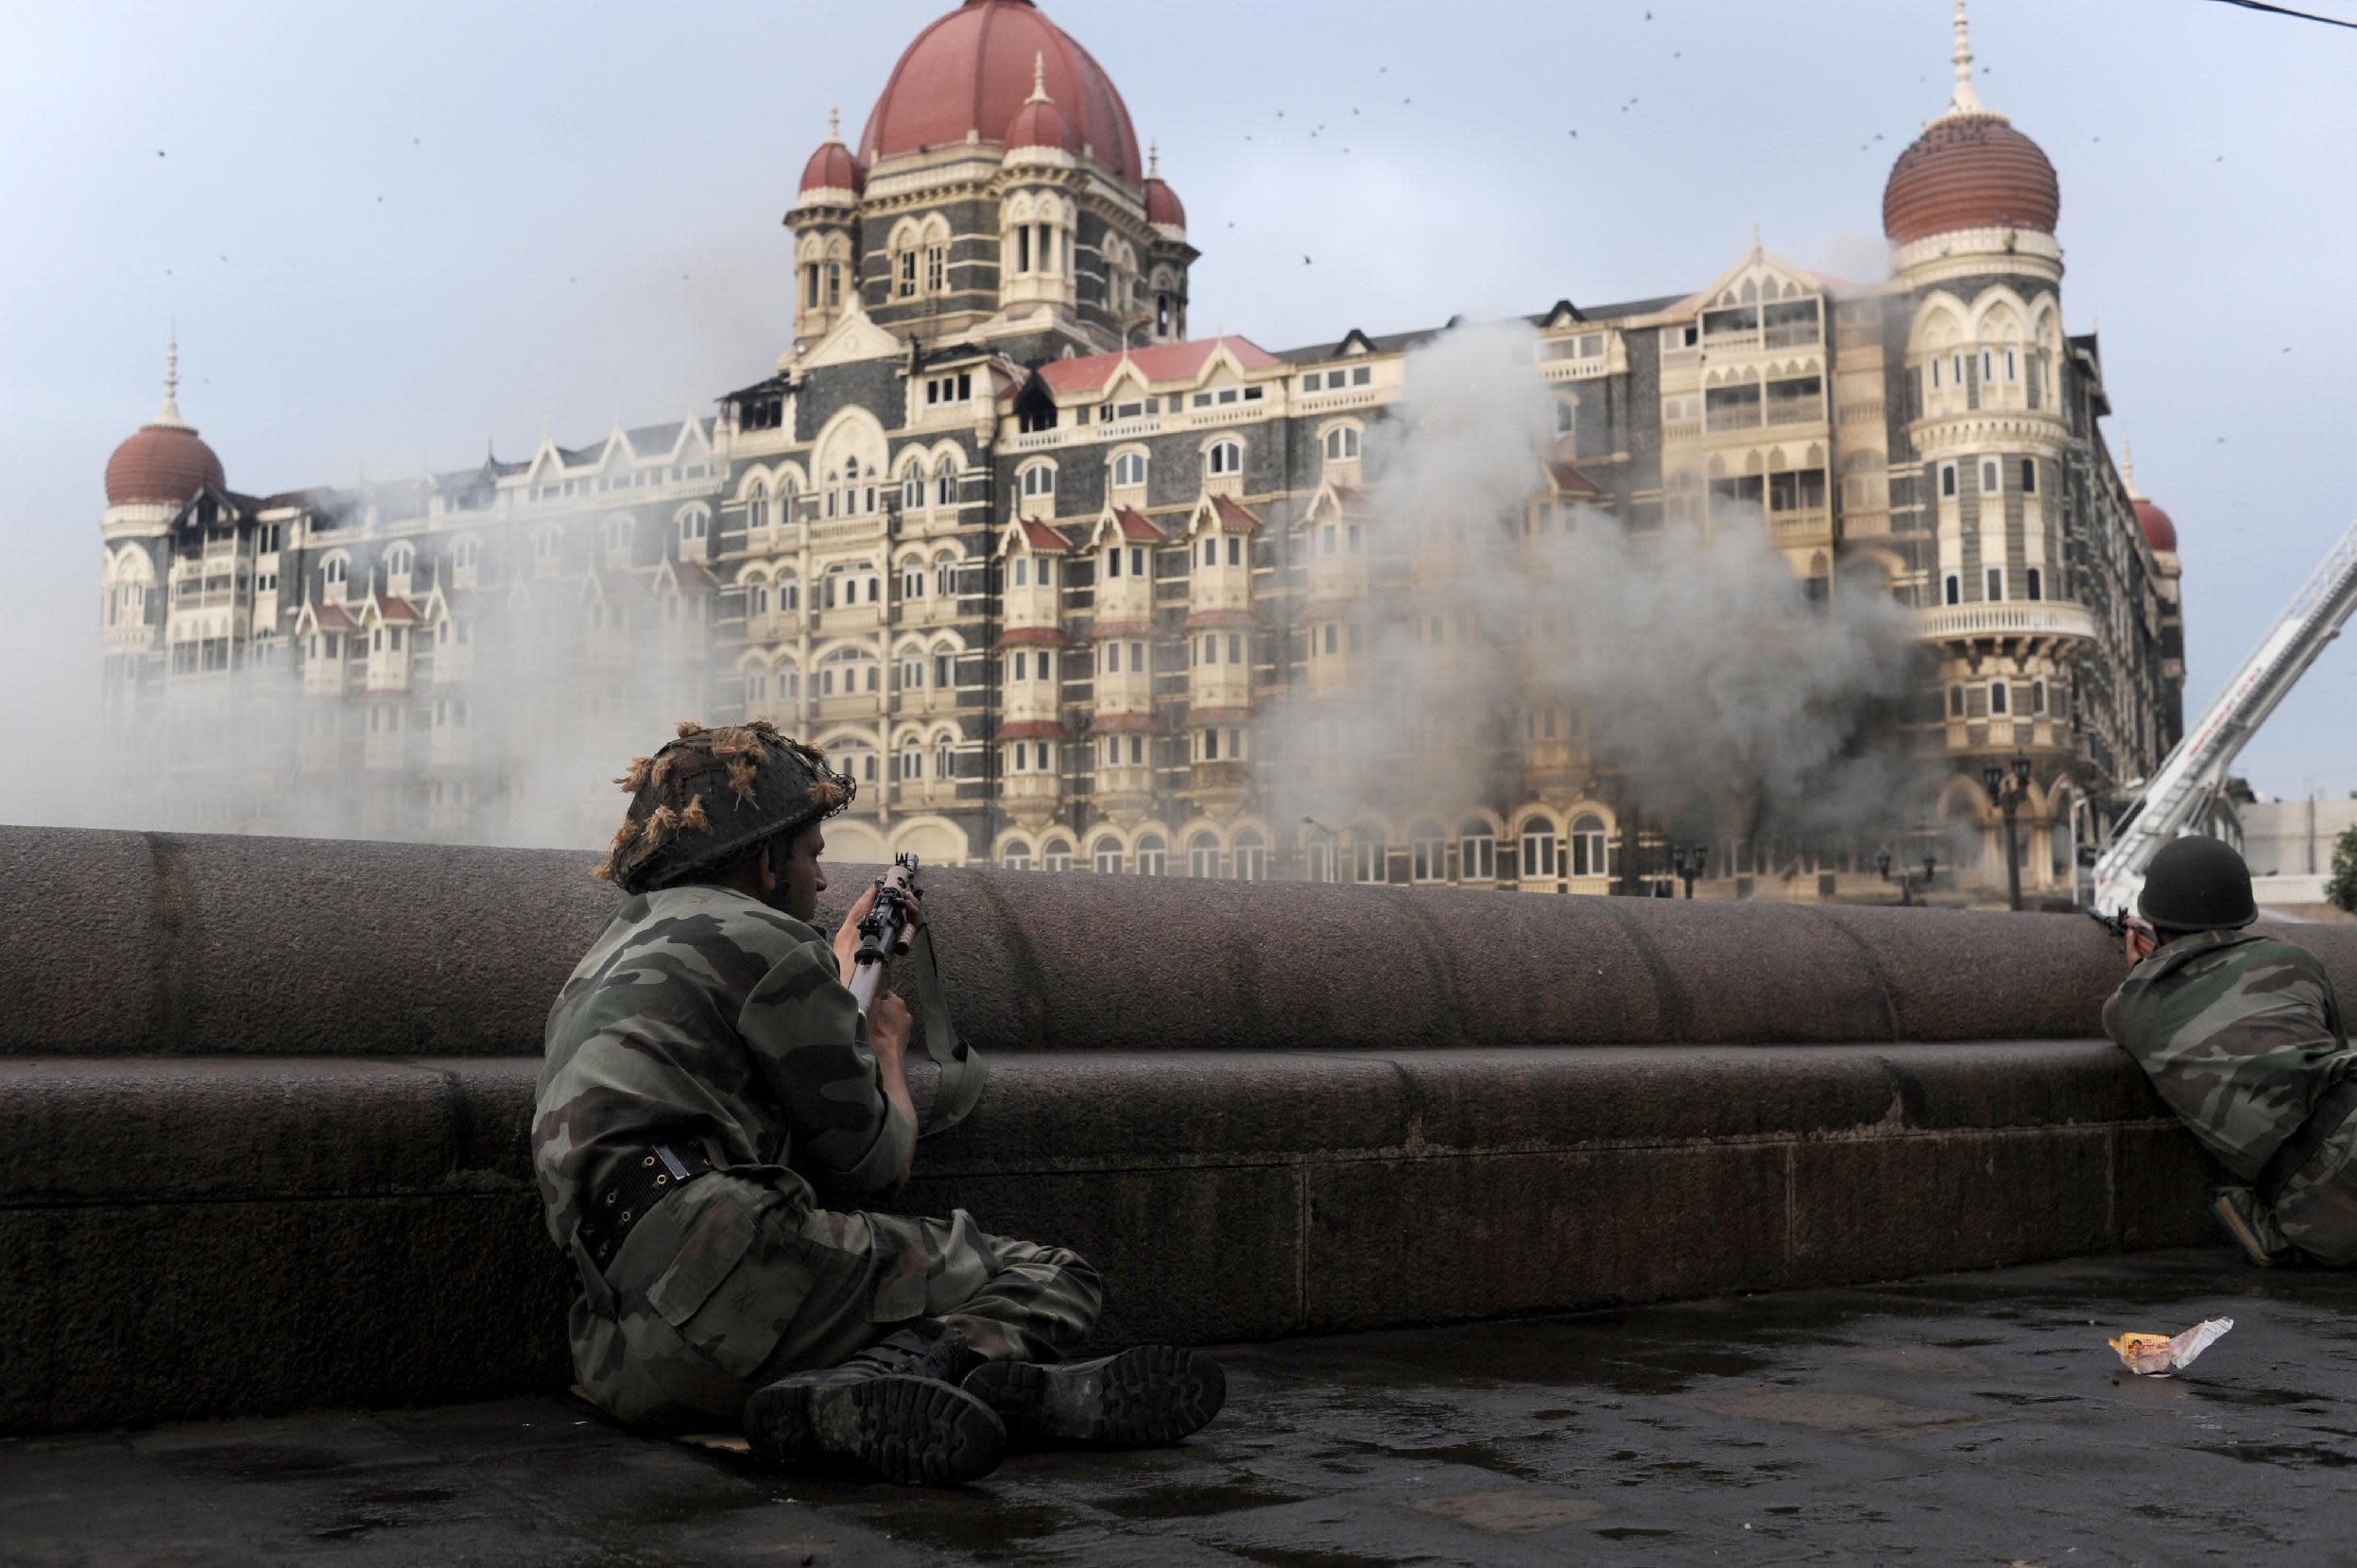 Pakistan court suspends detention of Mumbai attacks 'mastermind'